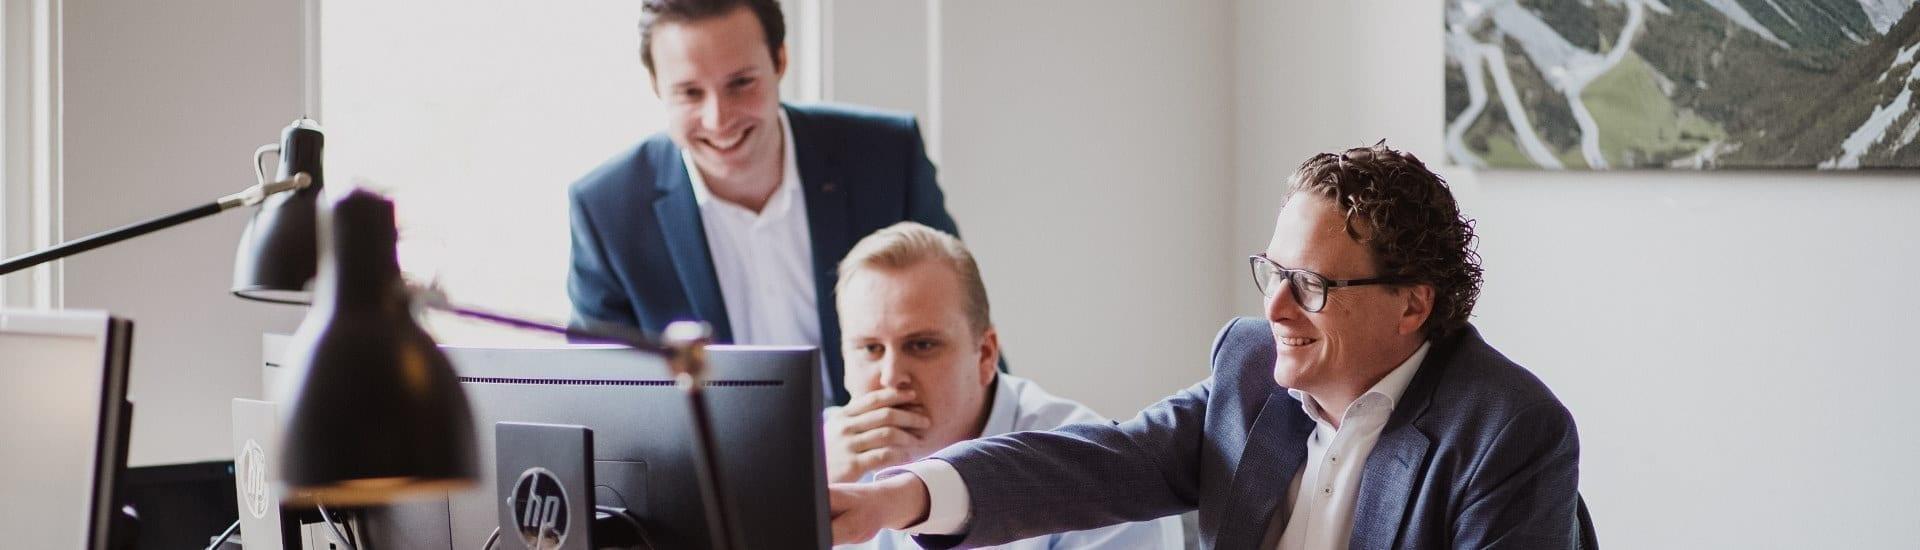 Bedrijf verkopen – desktop